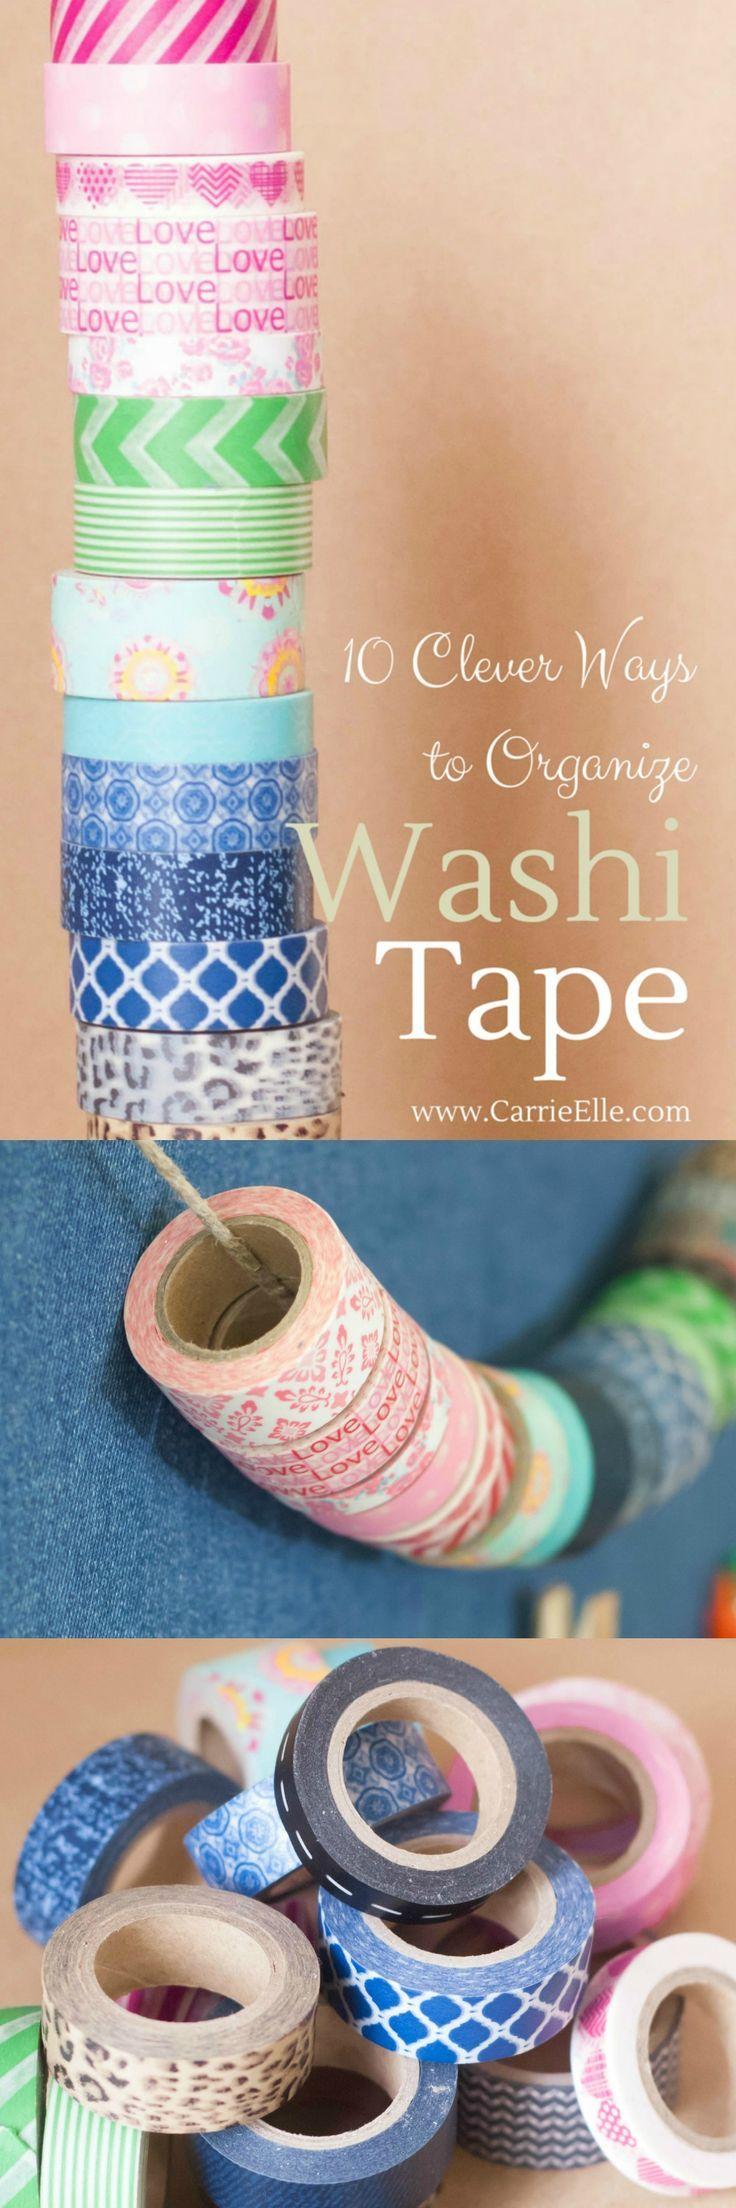 1000 ideas about washi tape storage on pinterest washi - Washi tape ideas ...